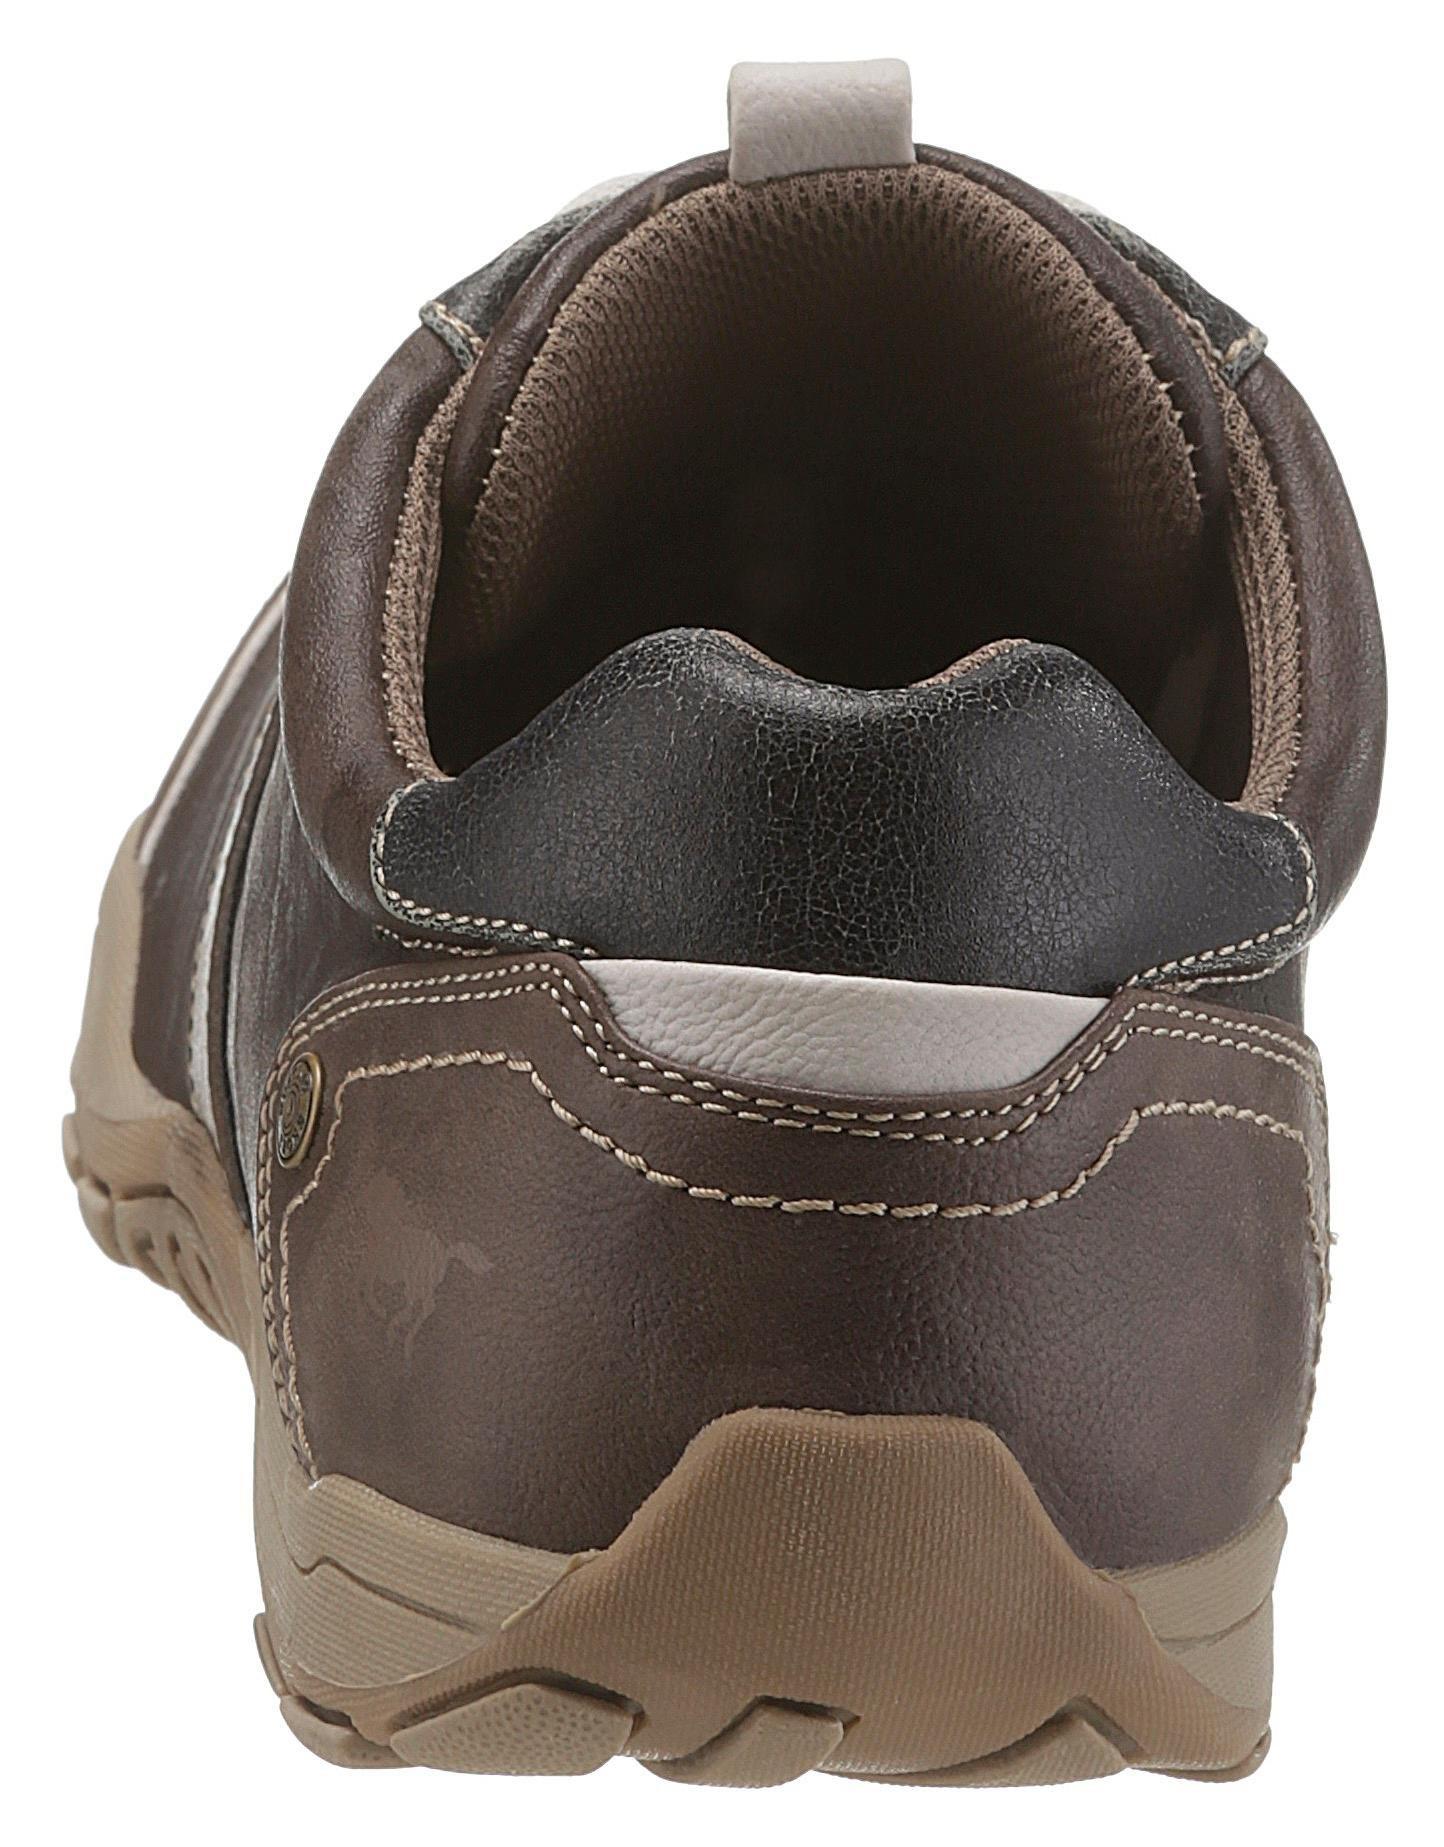 Veterschoenen Kopen Shoes Mustang Online vN8ynwOP0m